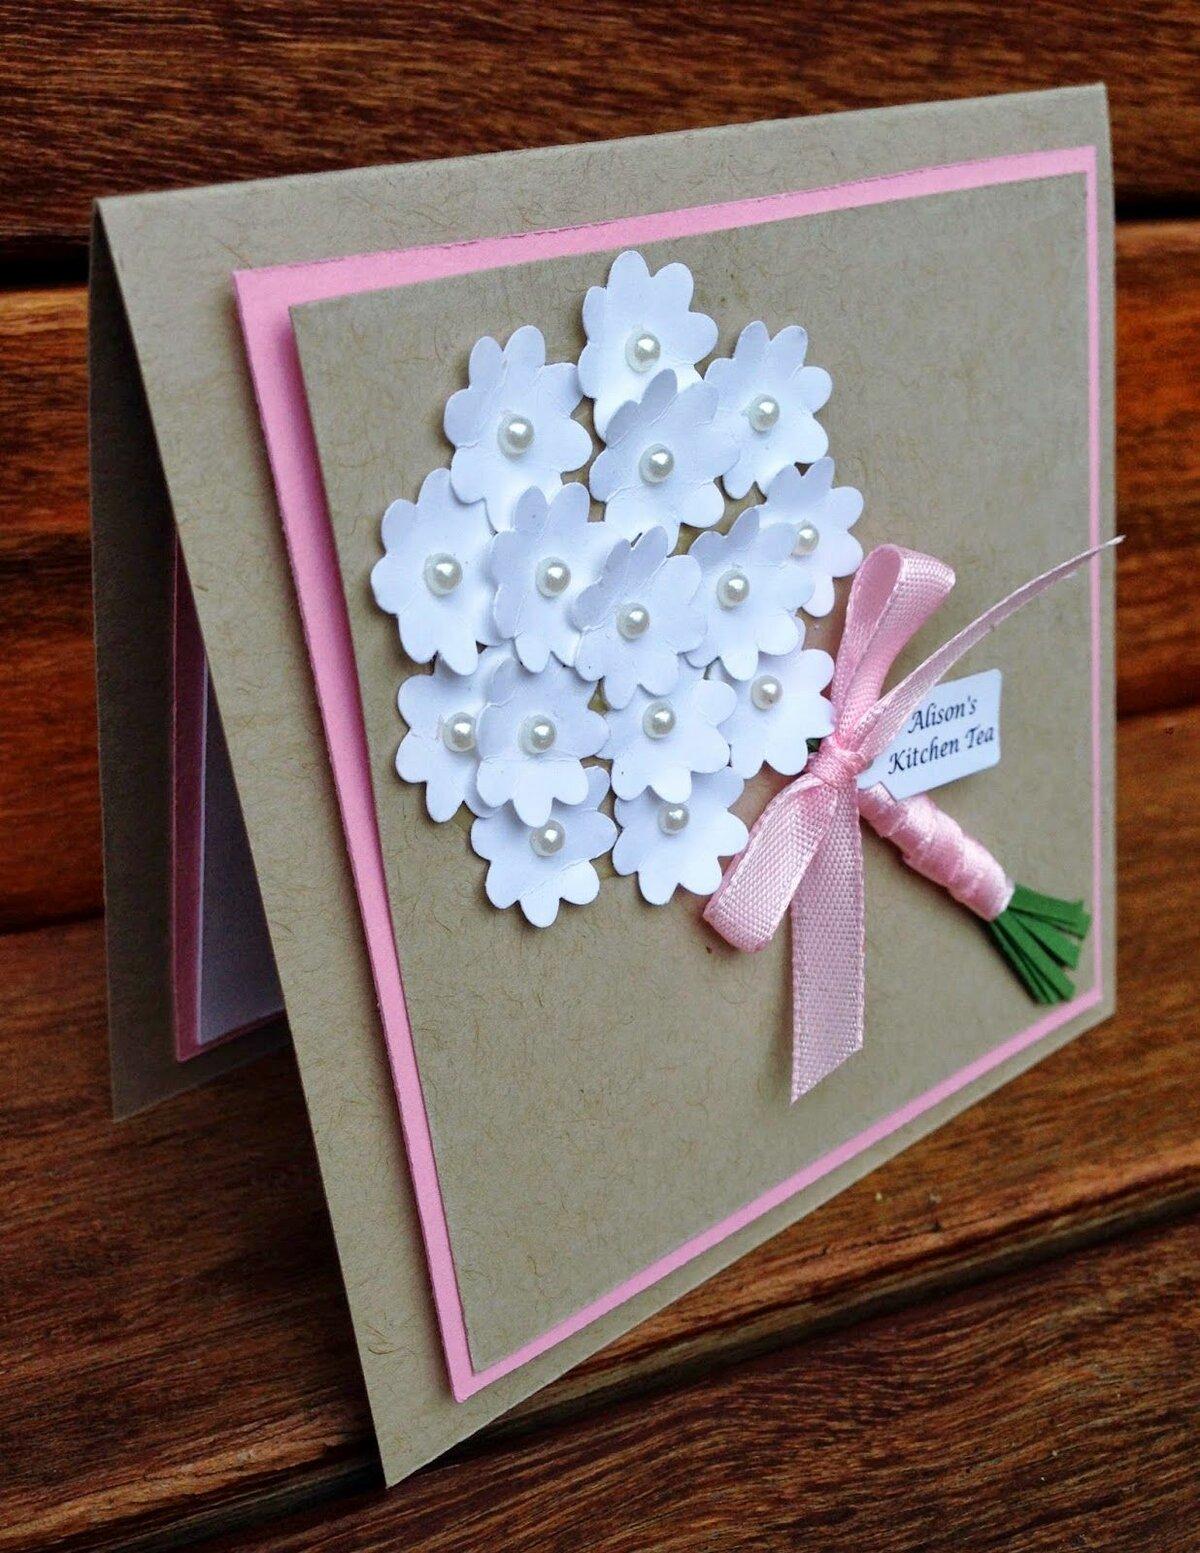 каждой как сделать открытку на день рождения своими руками картинки накрыть